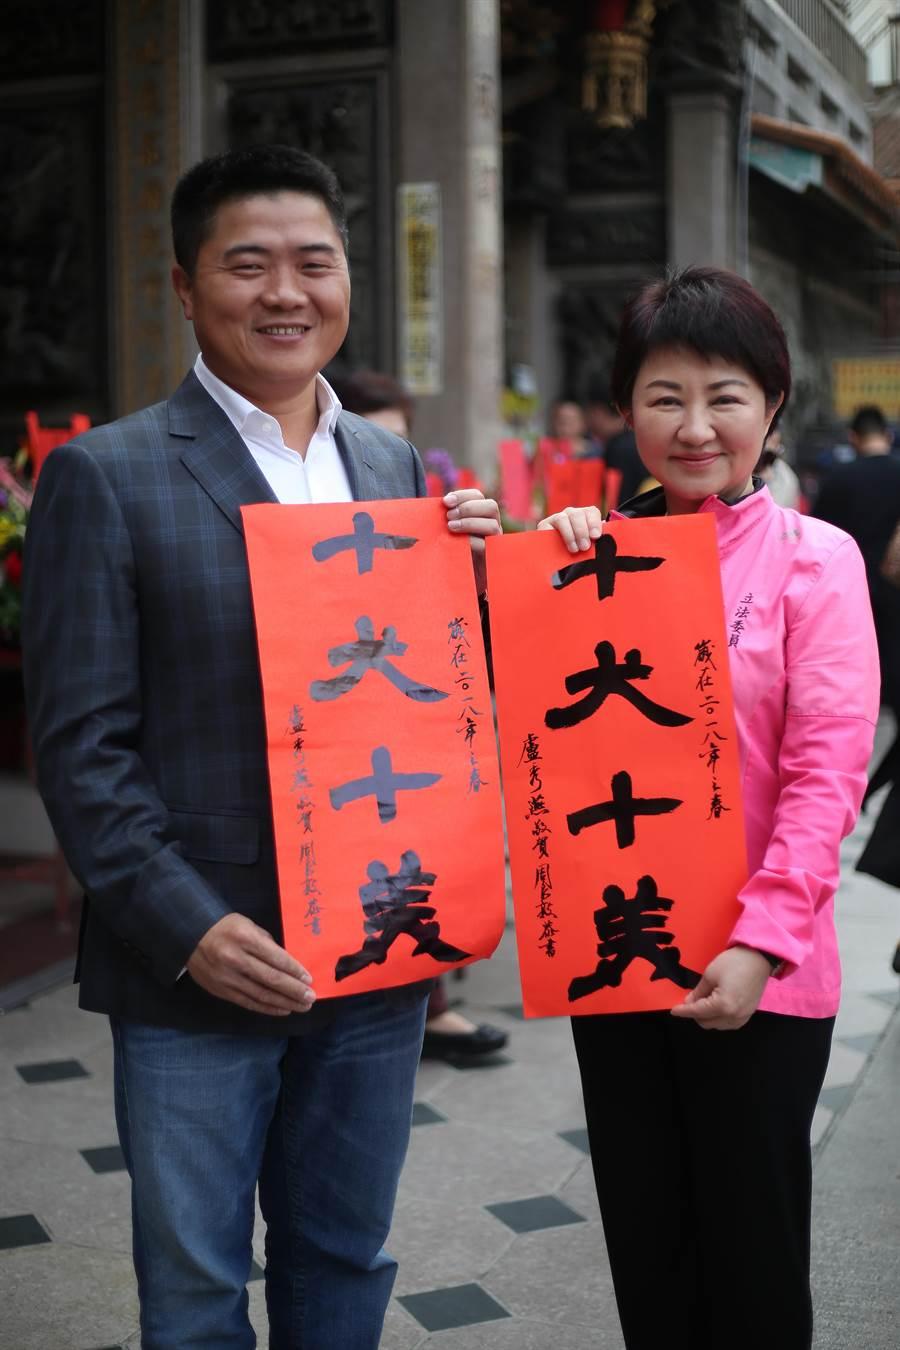 台中市長盧秀燕(右)為副市長人選覓才,立委顏寬恒連任之路受挫,網傳可能是副市長人選,成為選後新話題。(盧金足攝)